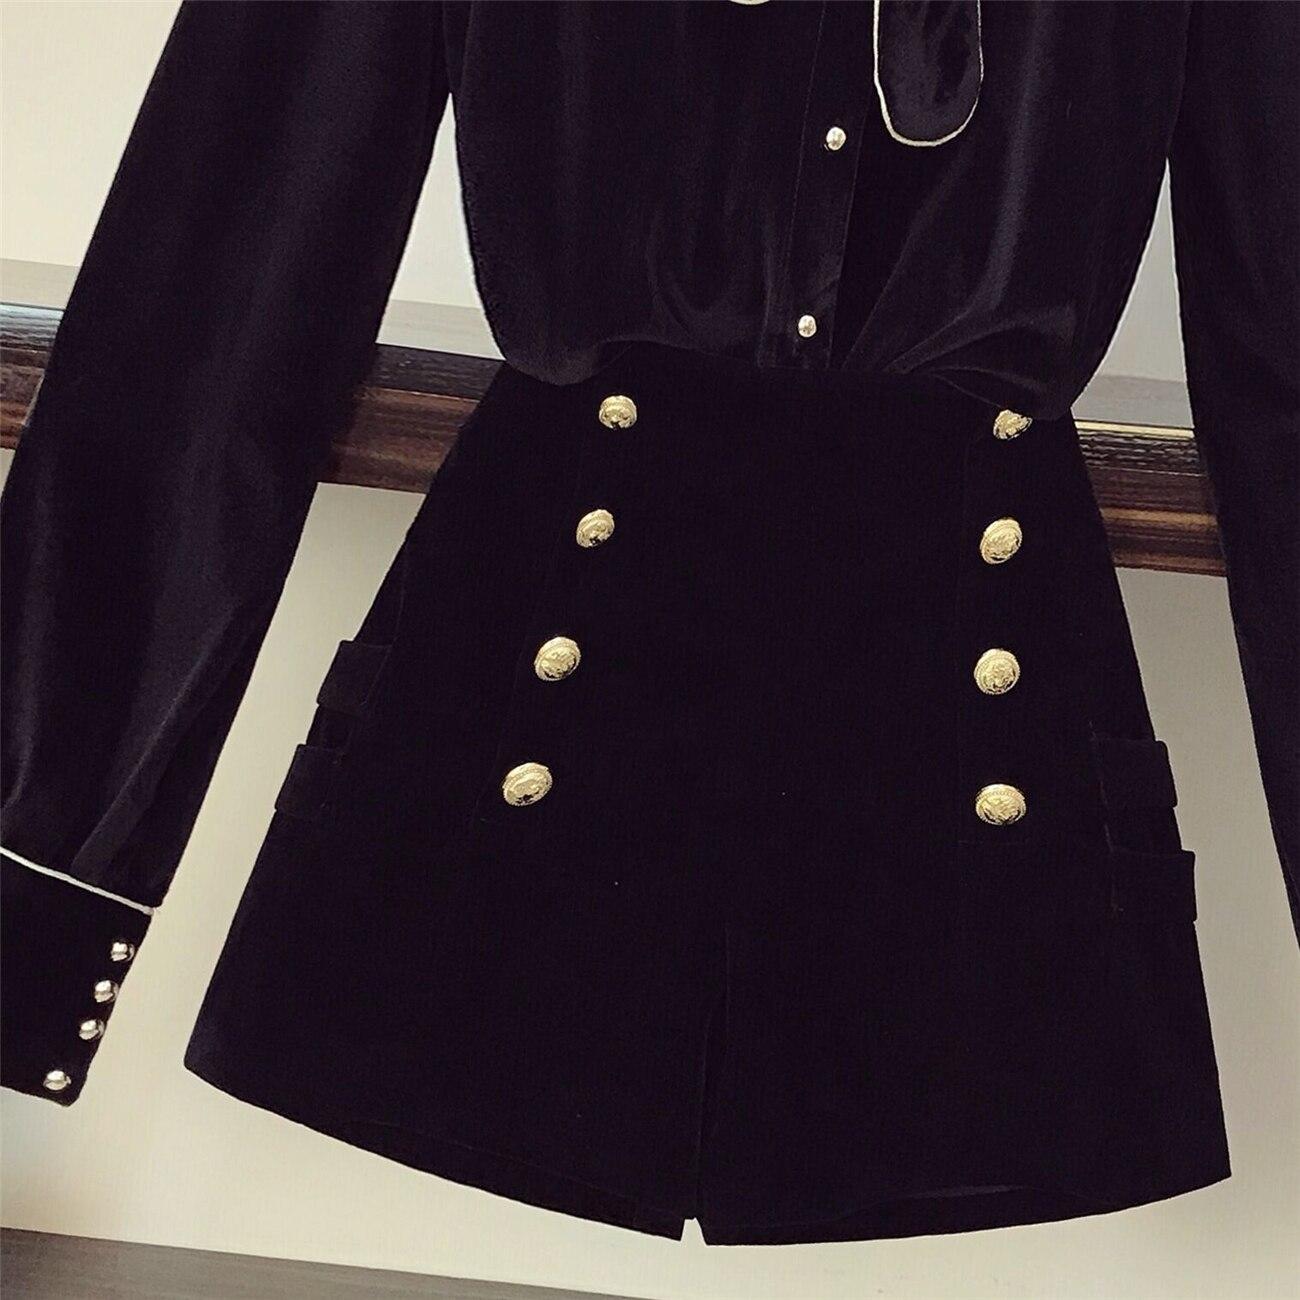 Costumes Black Définit Shorts Mode De Blouse Short Taille Breasted Manches Printemps Longues Et Étudiants À Nouveau Velours Femmes Double Haute Bow Hauts wqAT51